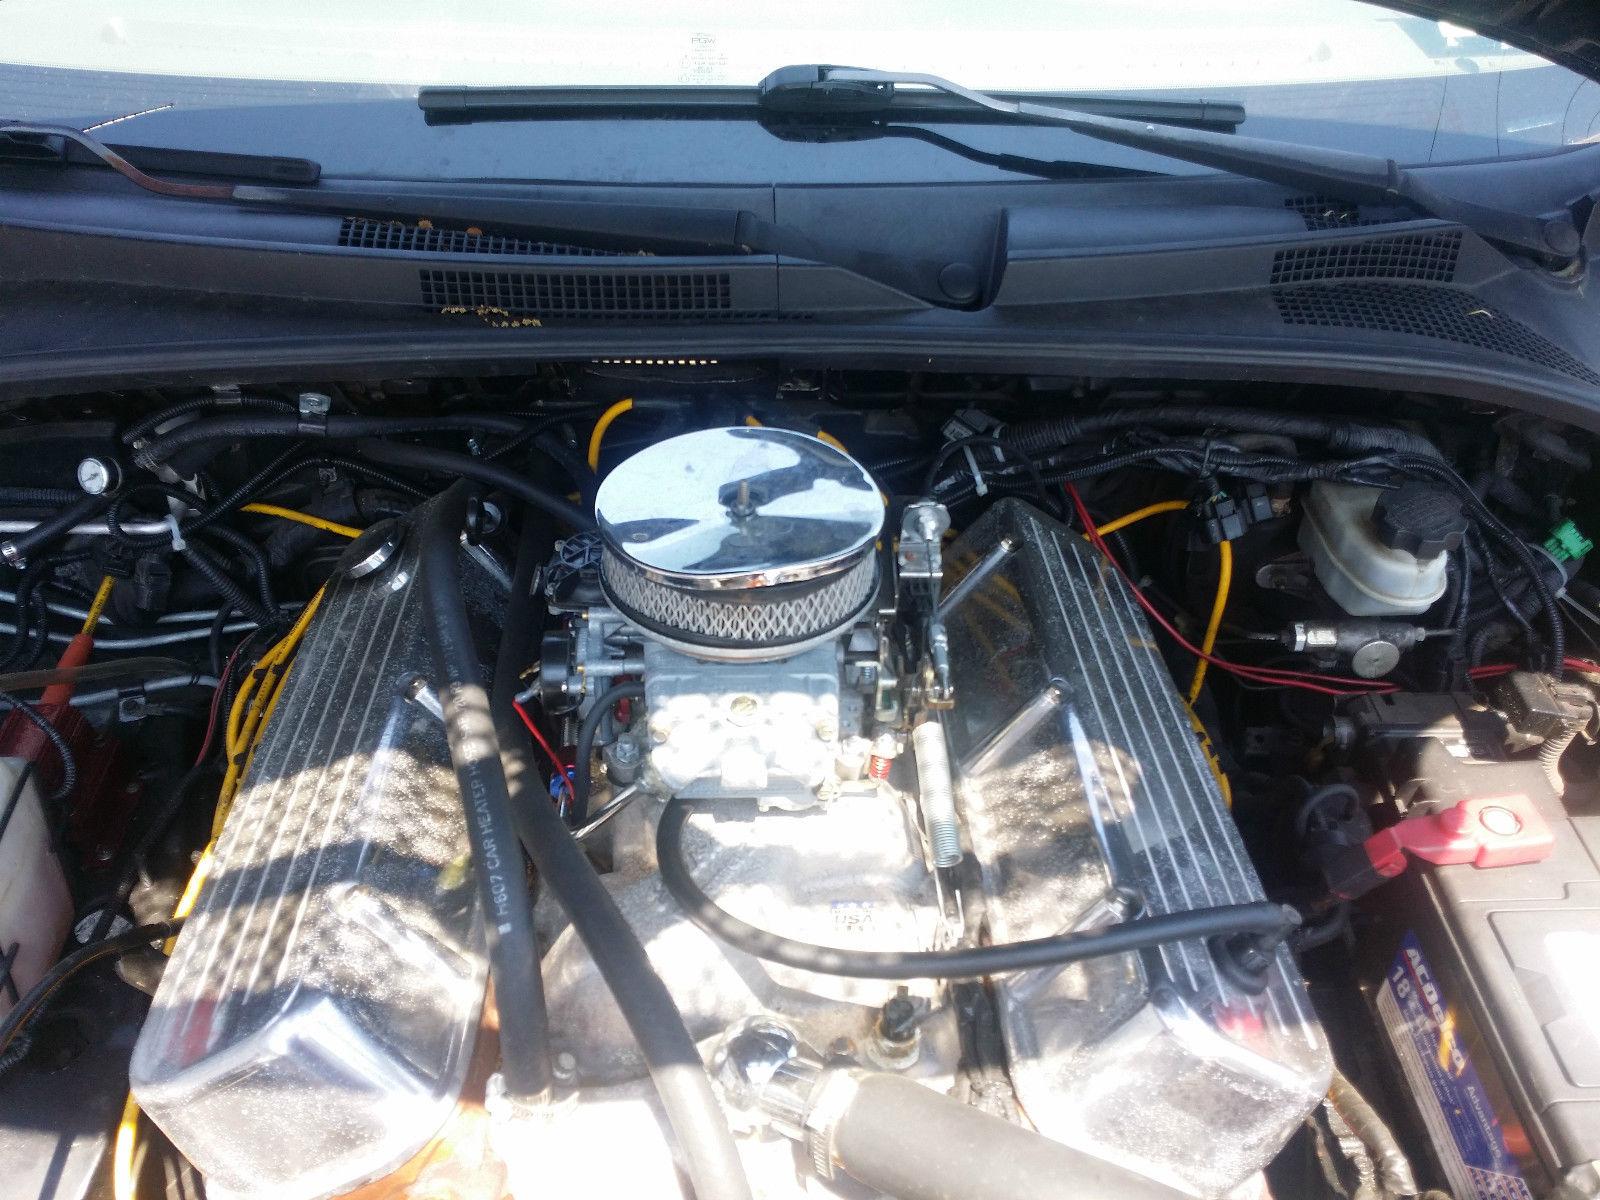 Weirdest Engine Swap Ever: Kia Sorento with Chevy 468 Big-Block V8